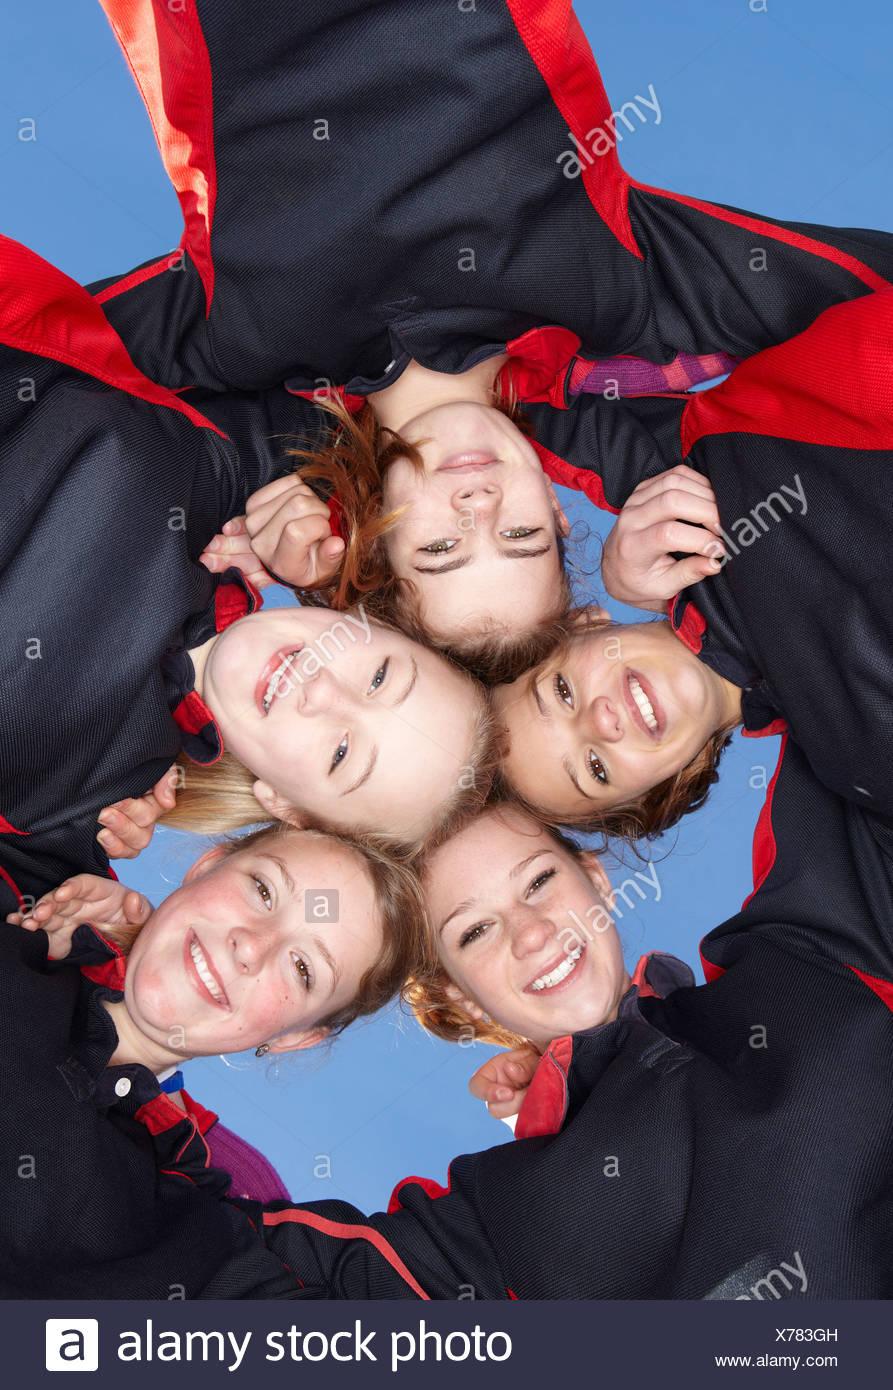 Girls smiling in circle - Stock Image